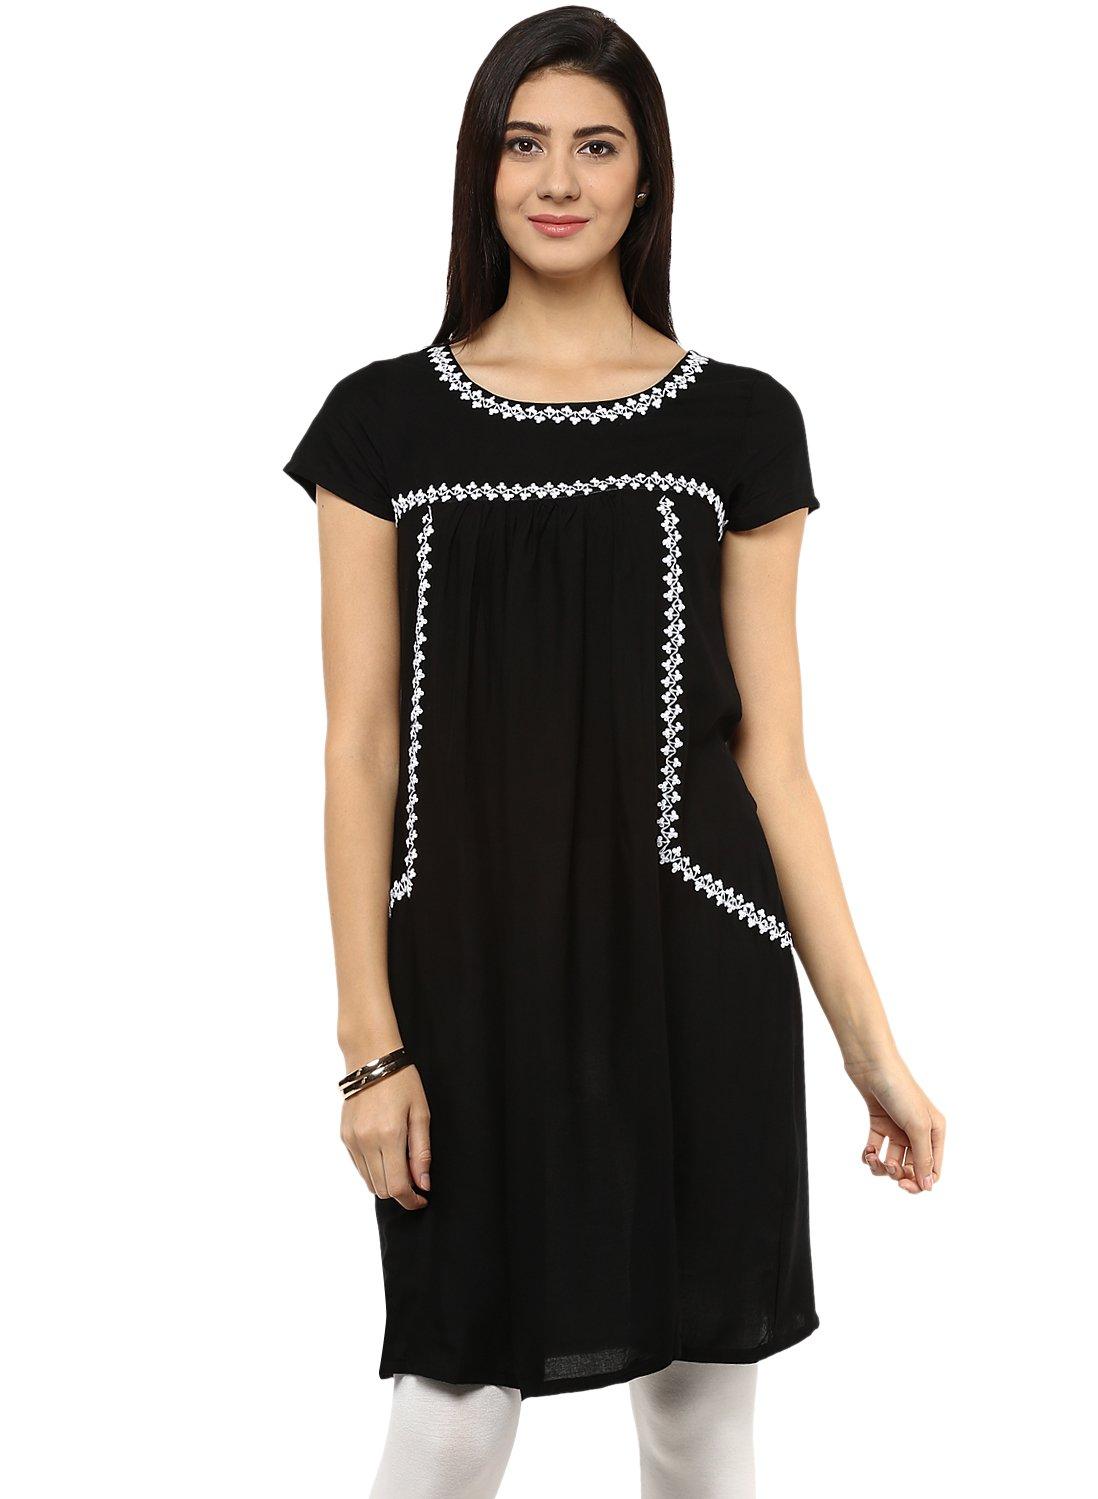 Avaana Black Embroidery Rayon Short Kurta